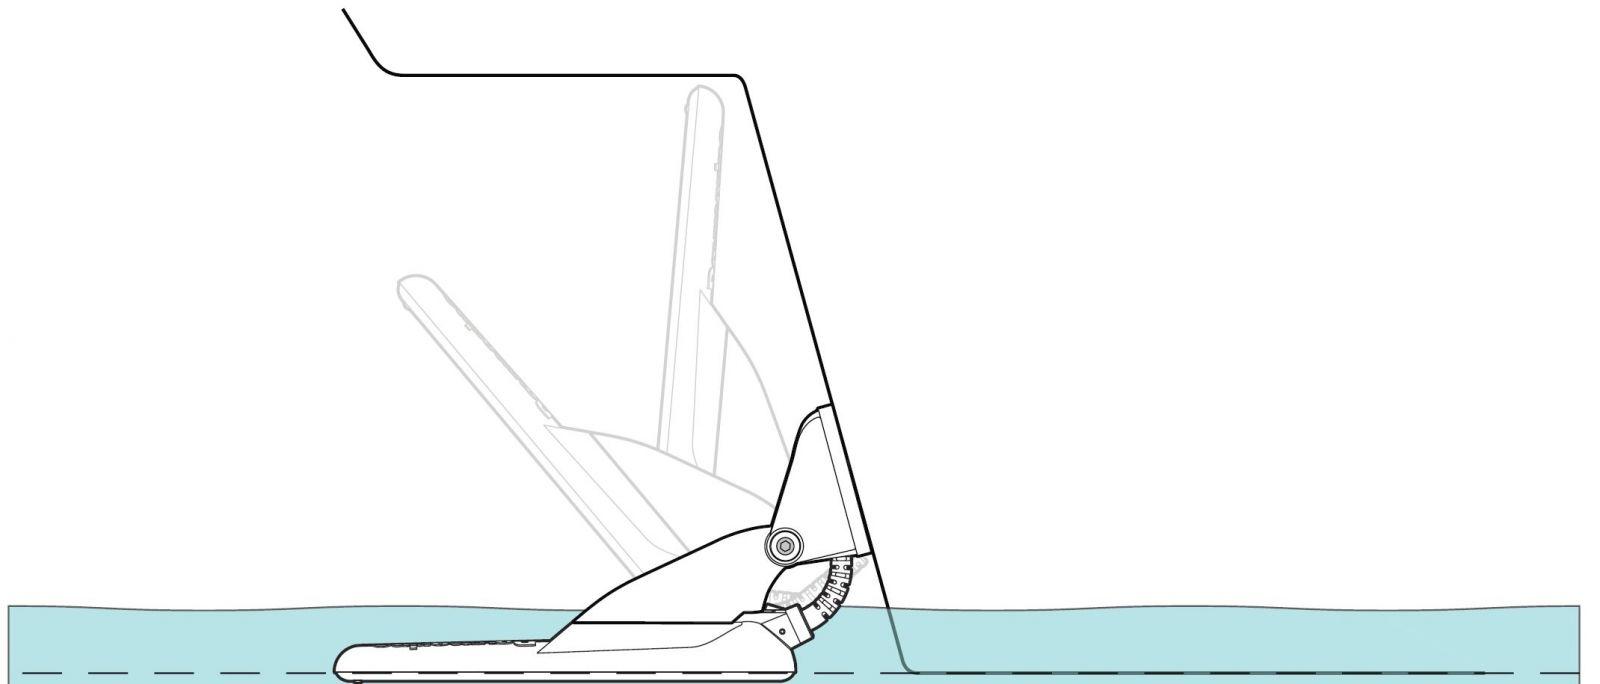 Einbautiefe Echolotgeber vom Raymarine Dragonfly